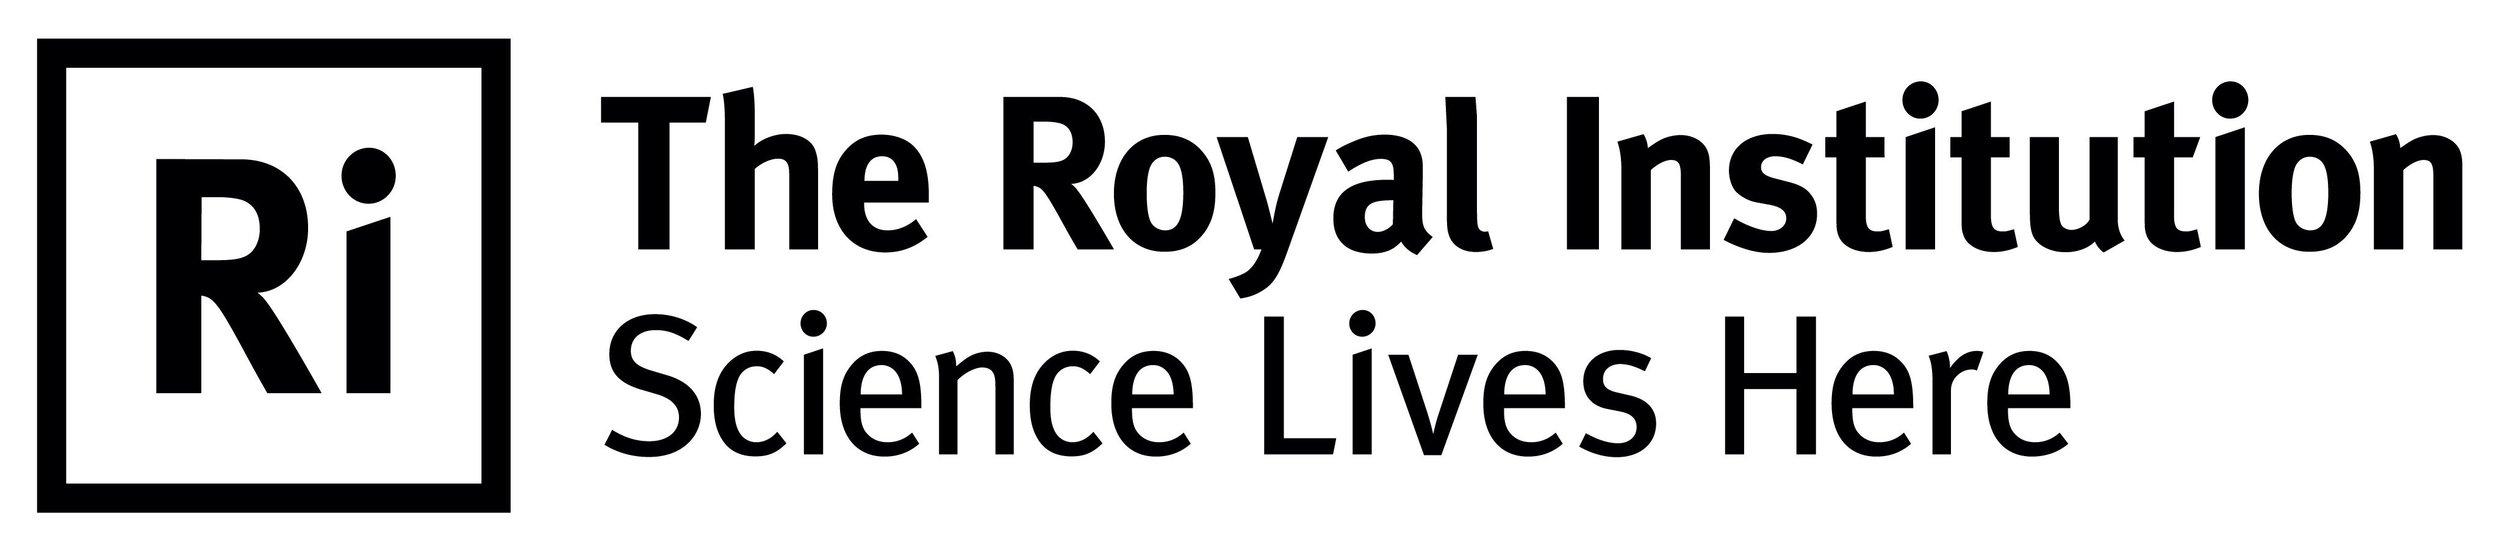 Ri-logo_black-on-white.jpg